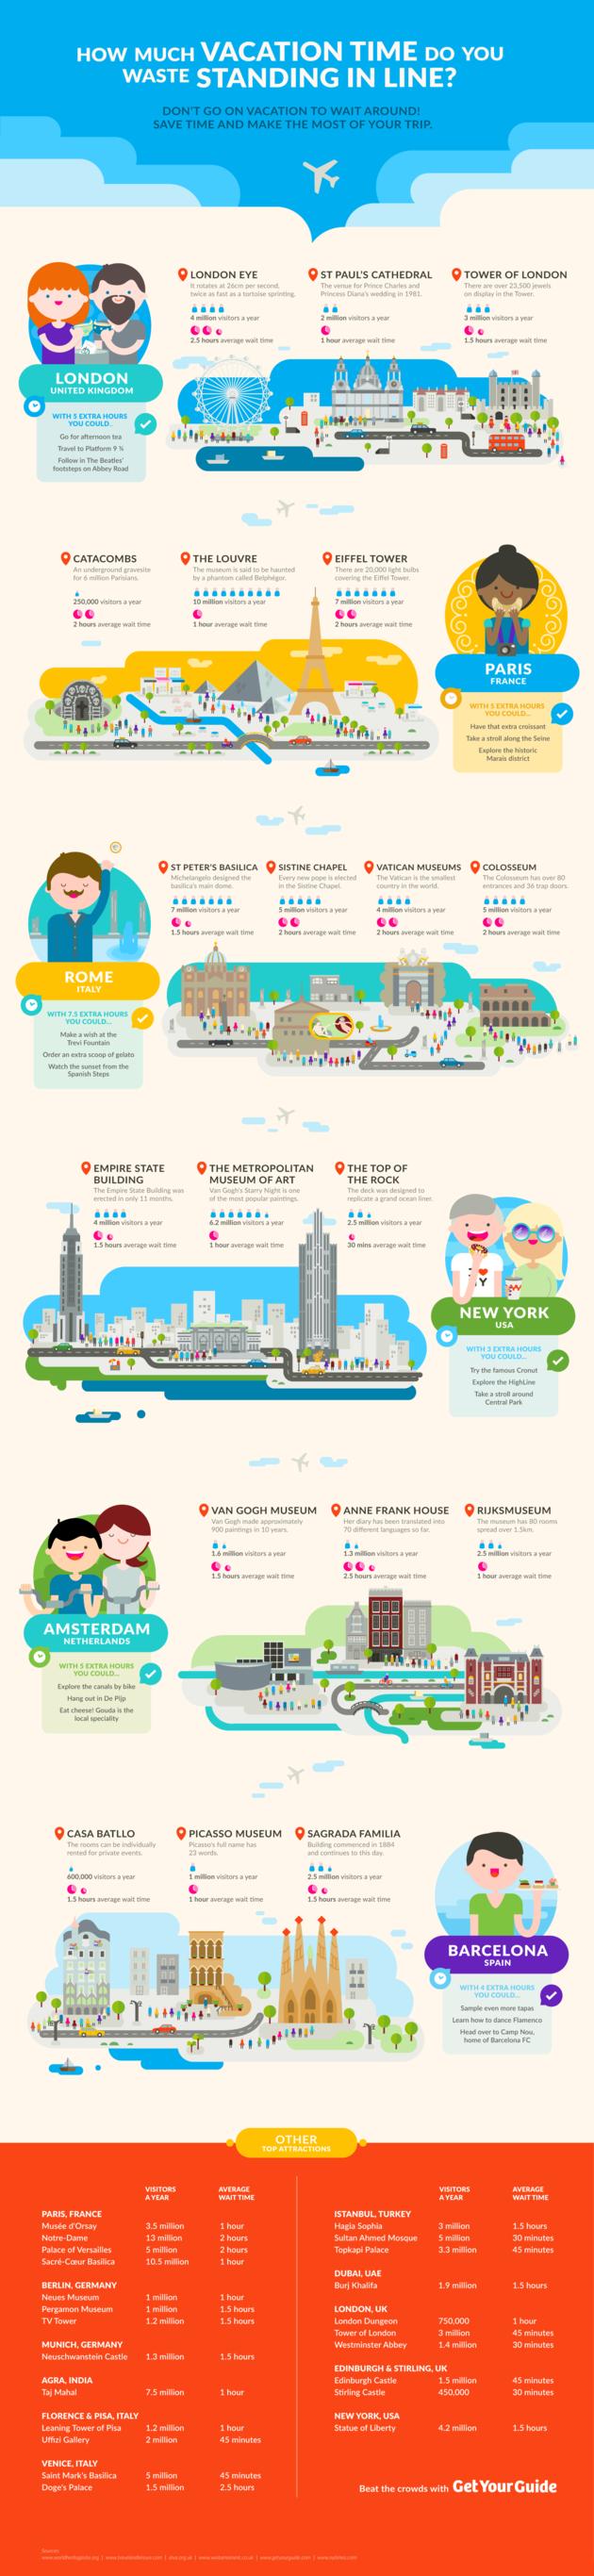 wachttijden-attracties-wereldsteden